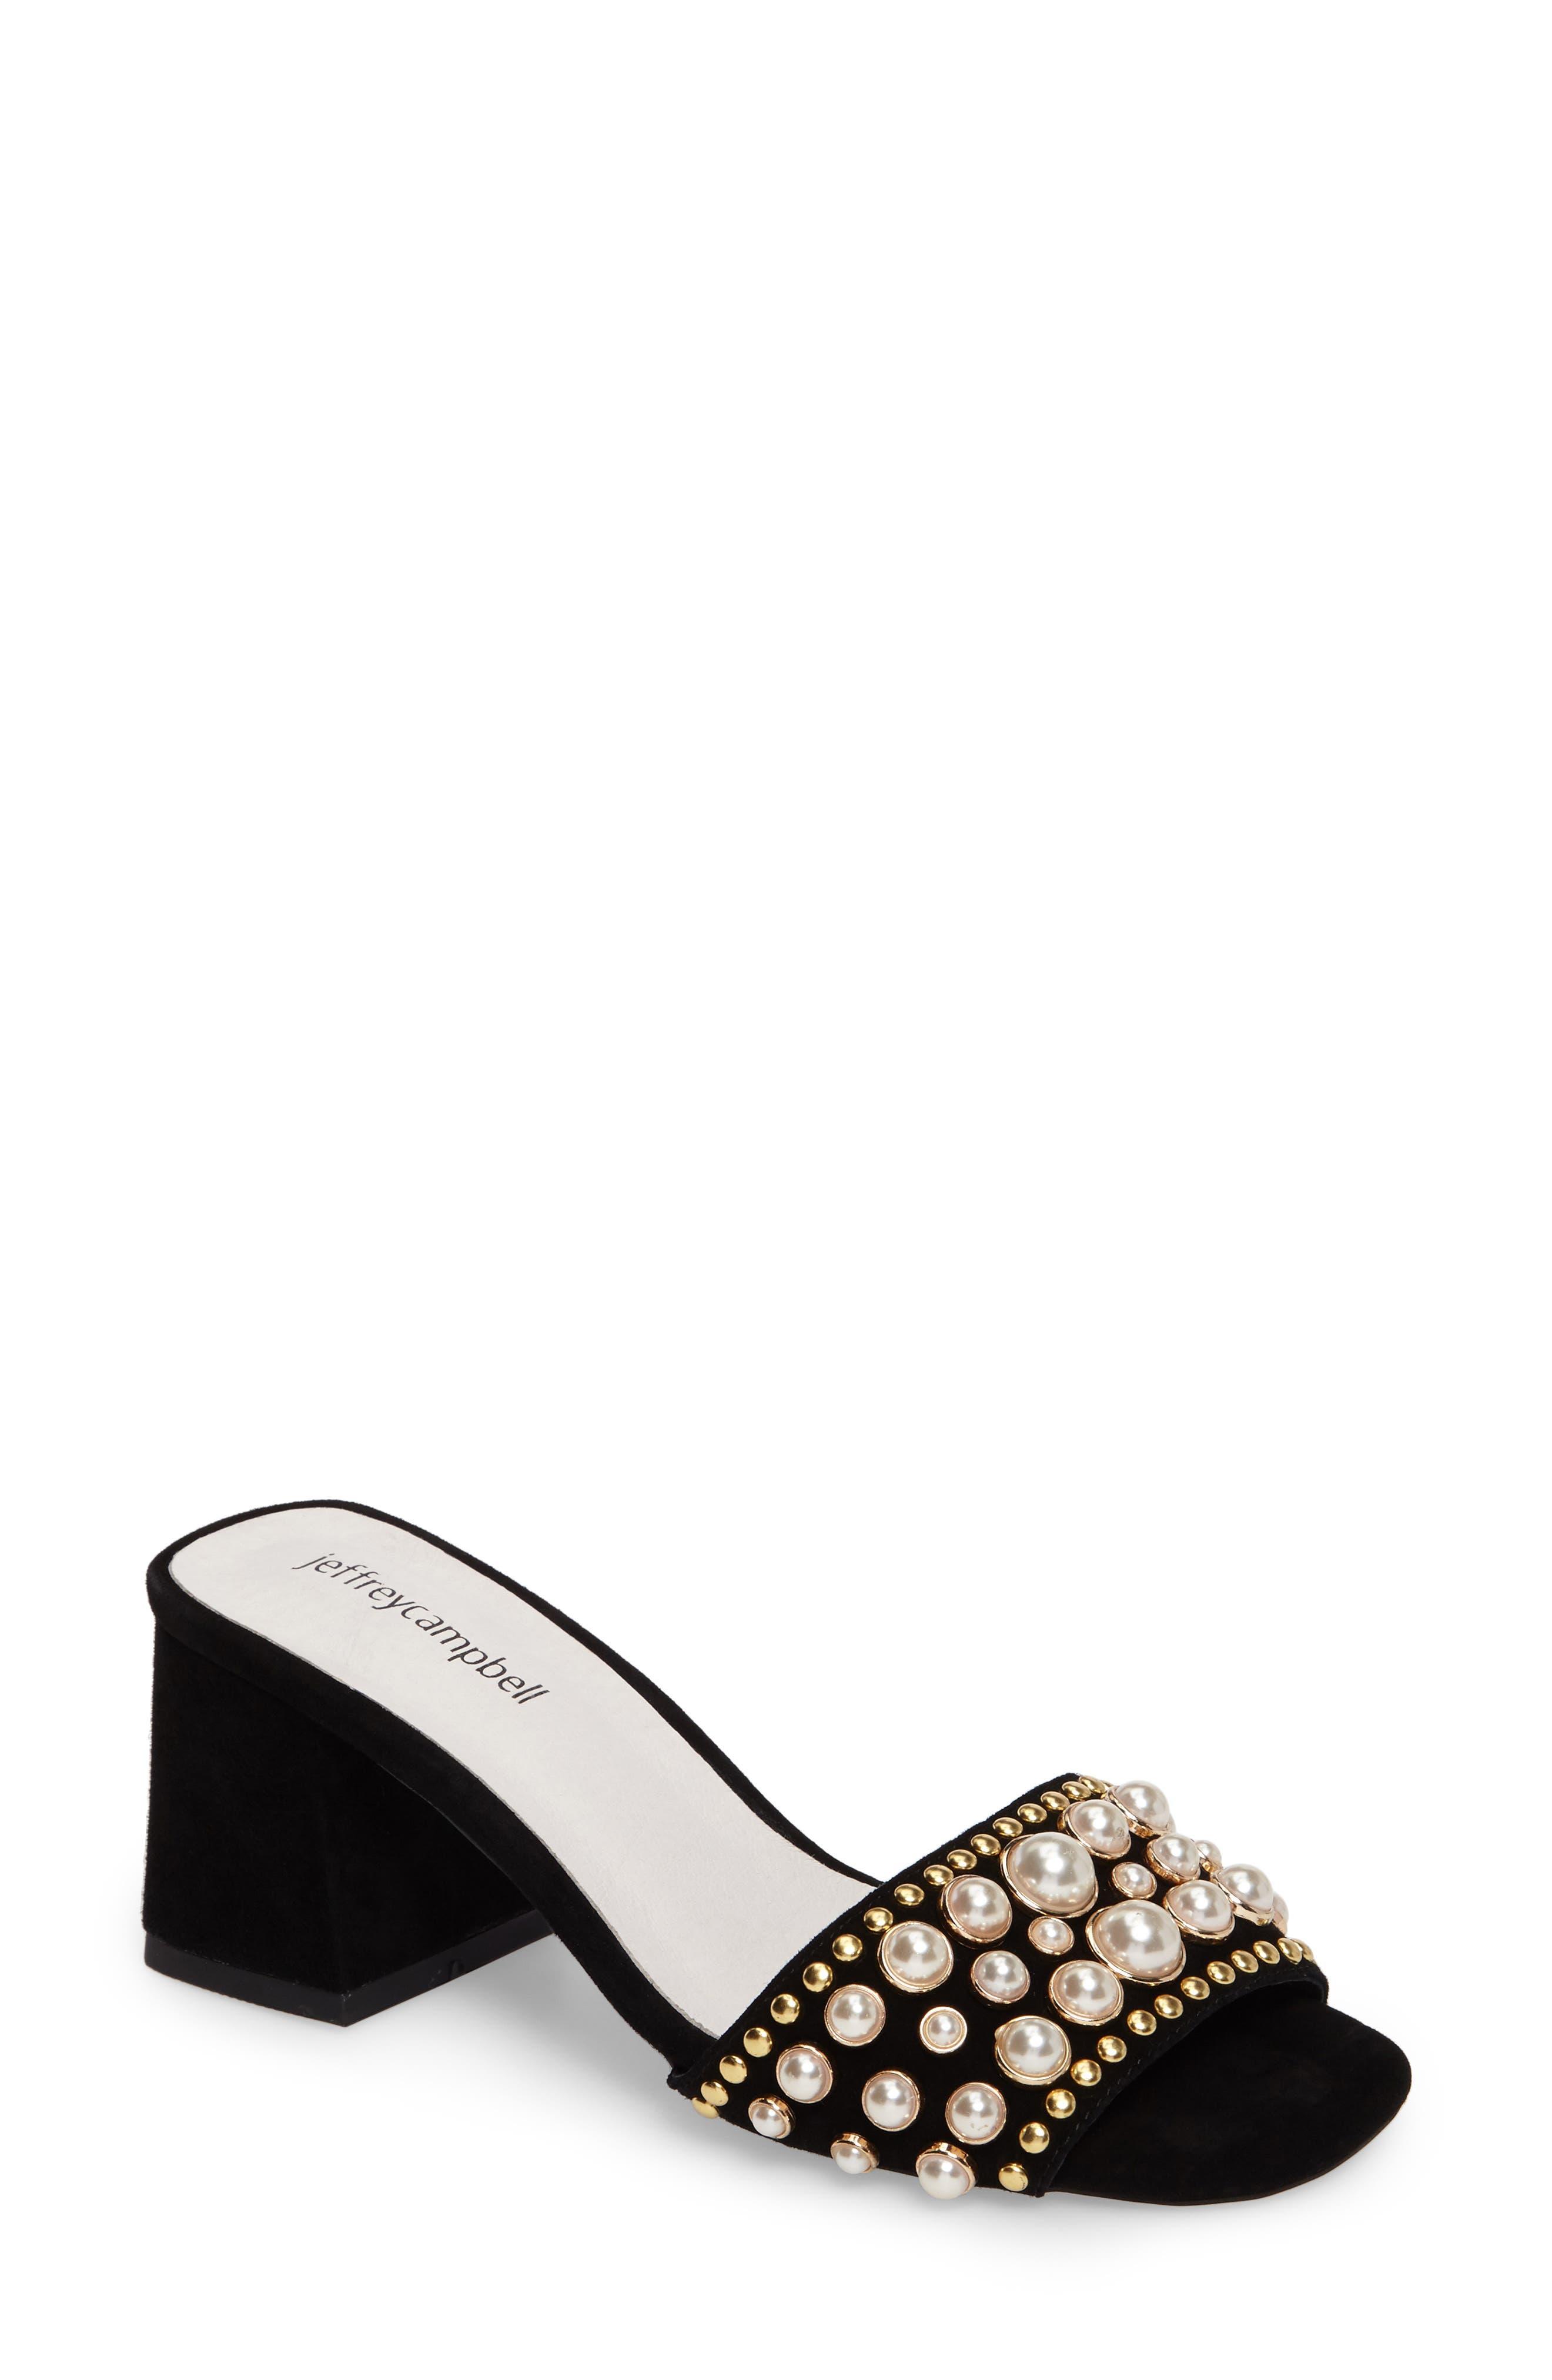 Parr Embellished Slide Sandal,                             Main thumbnail 1, color,                             Black Suede